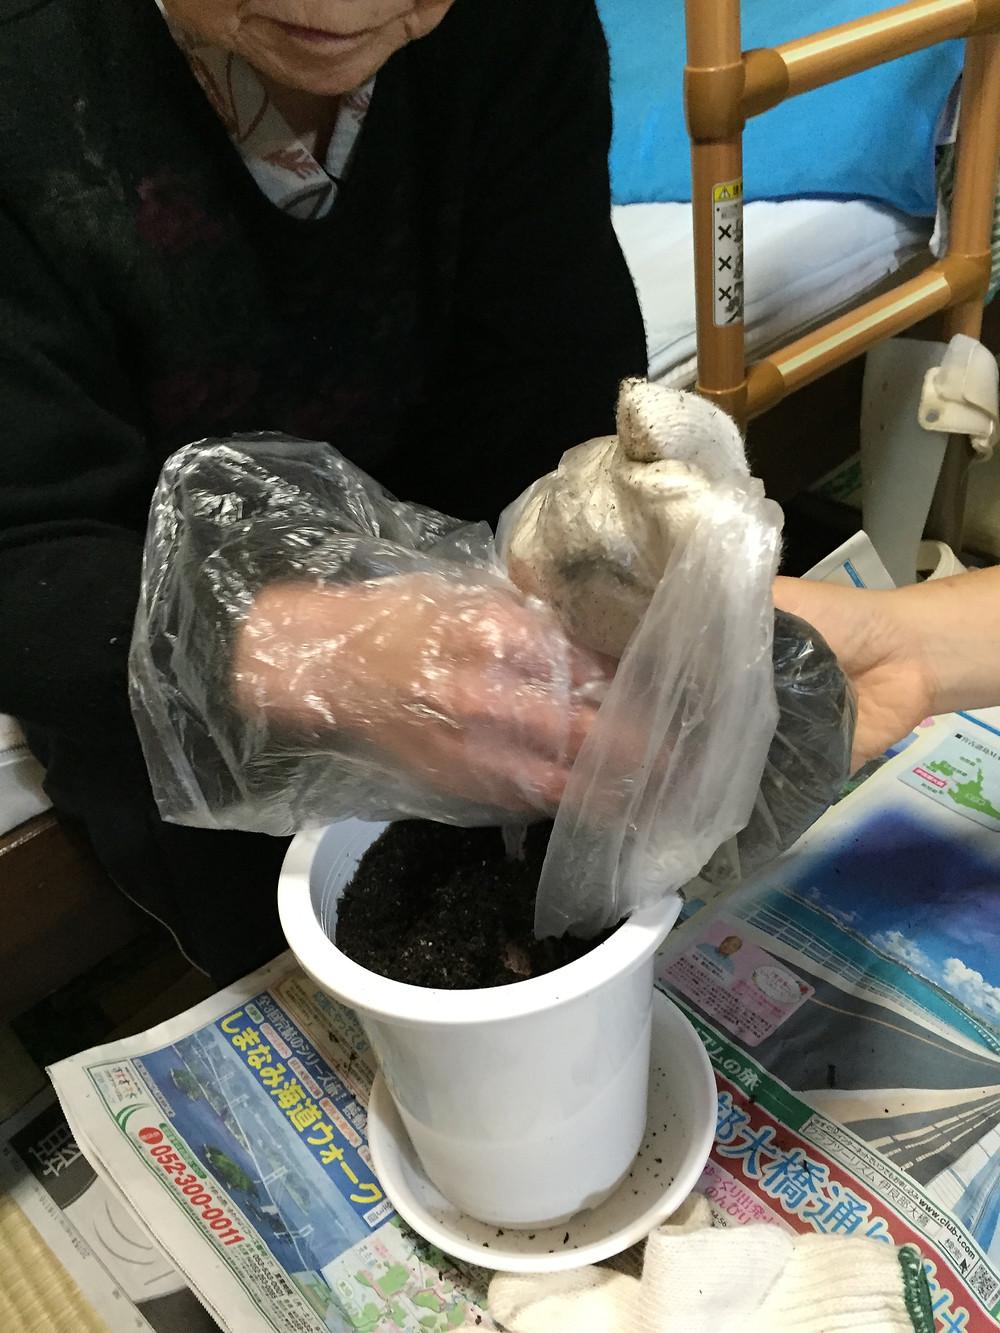 訪問リハビリのリハビリネクスト 園芸療法